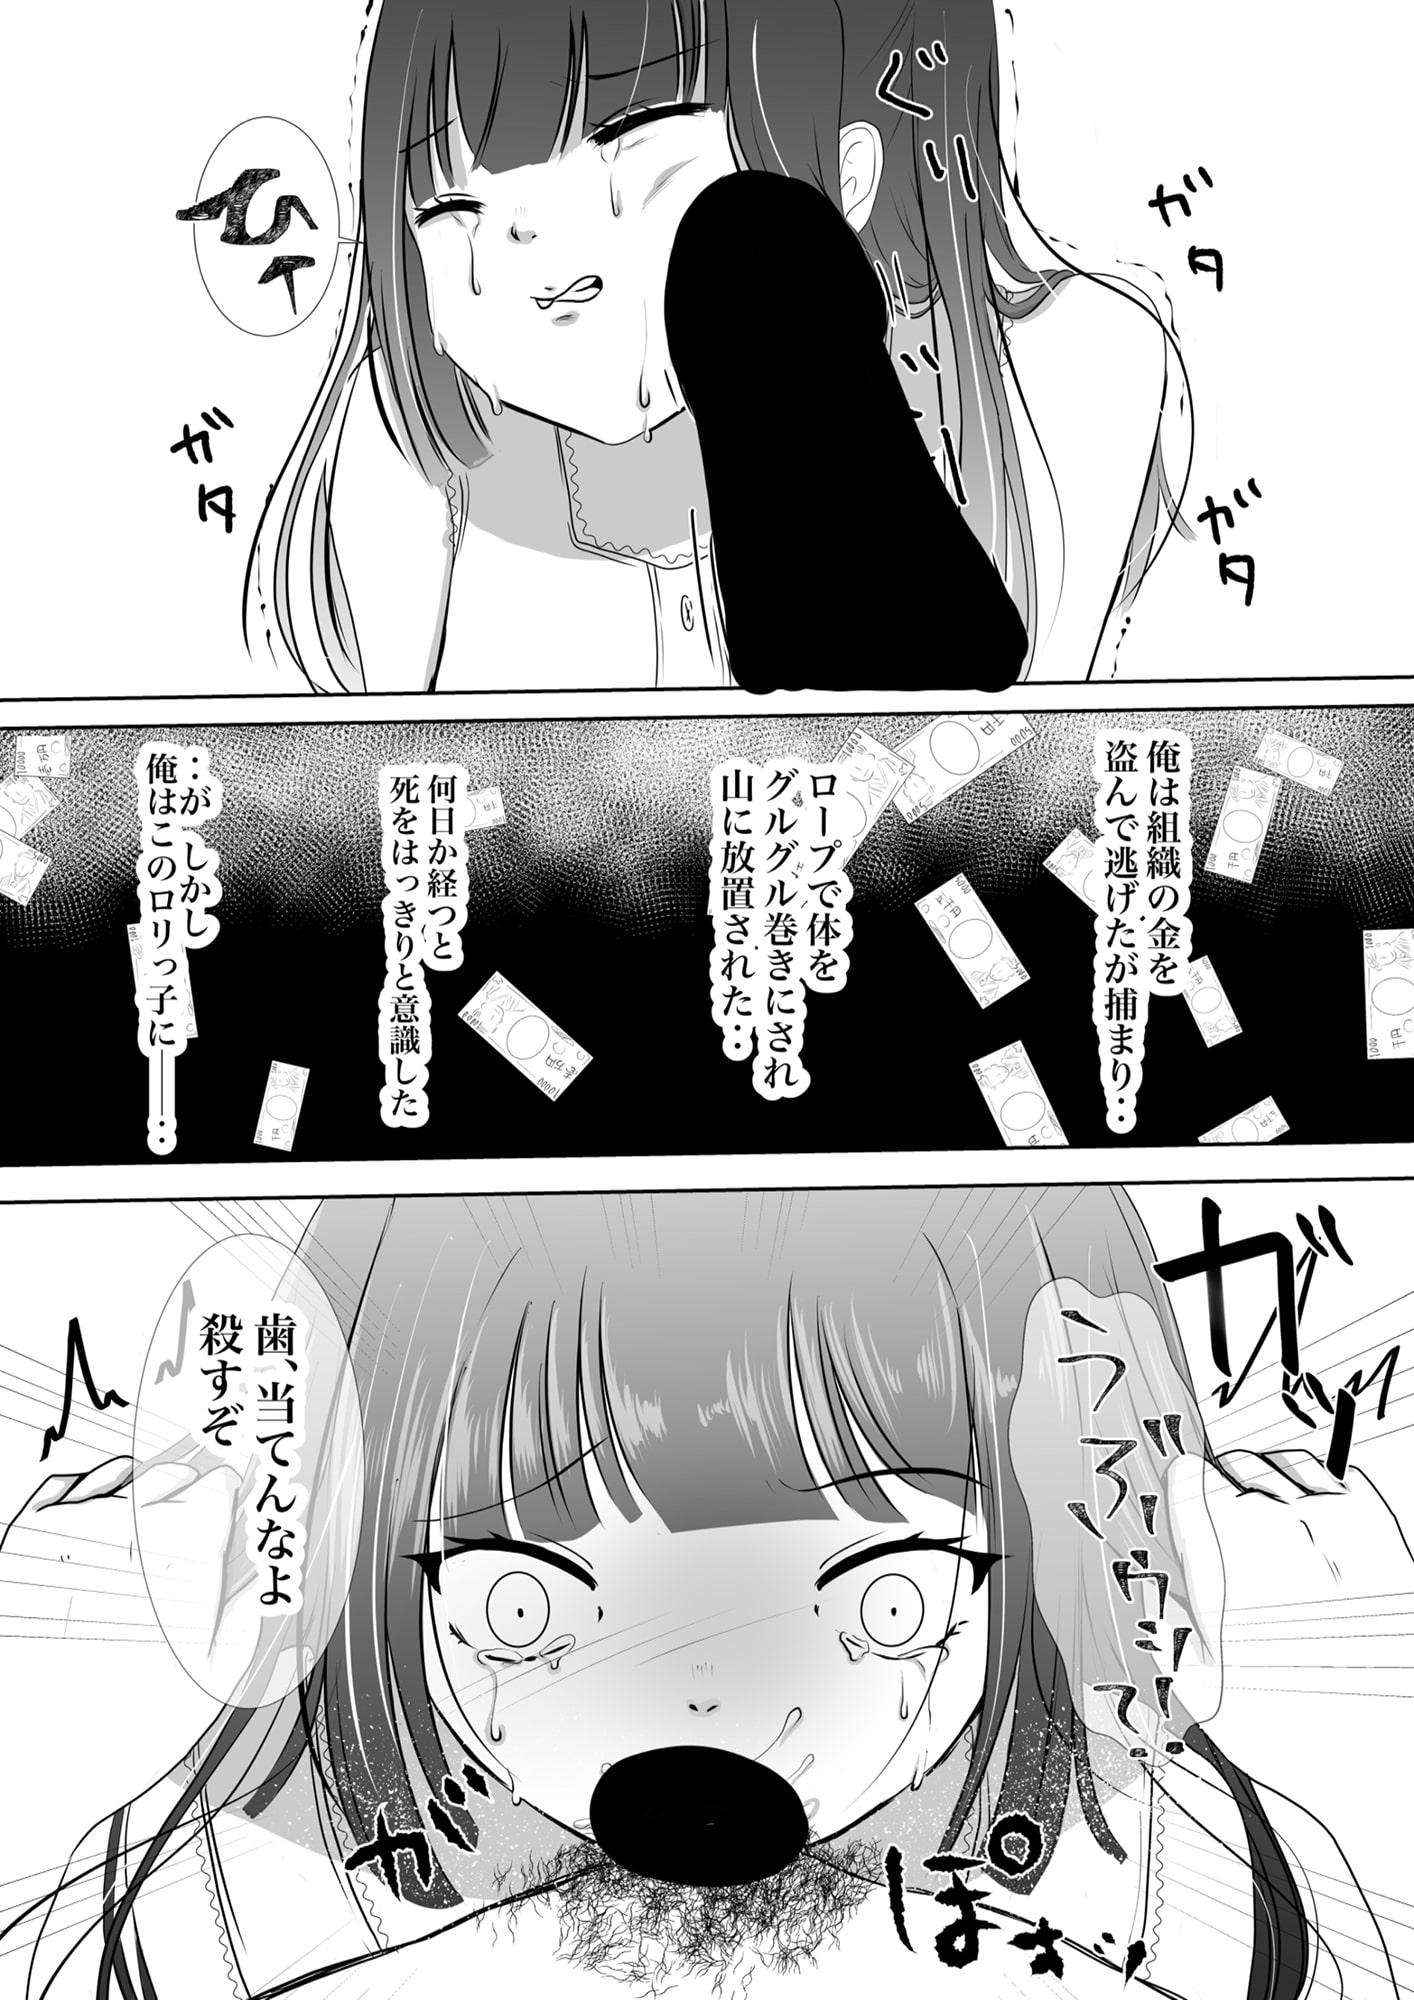 かわいそうな女の子〜生意気ロリっ子に入魂☆〈1〉〜